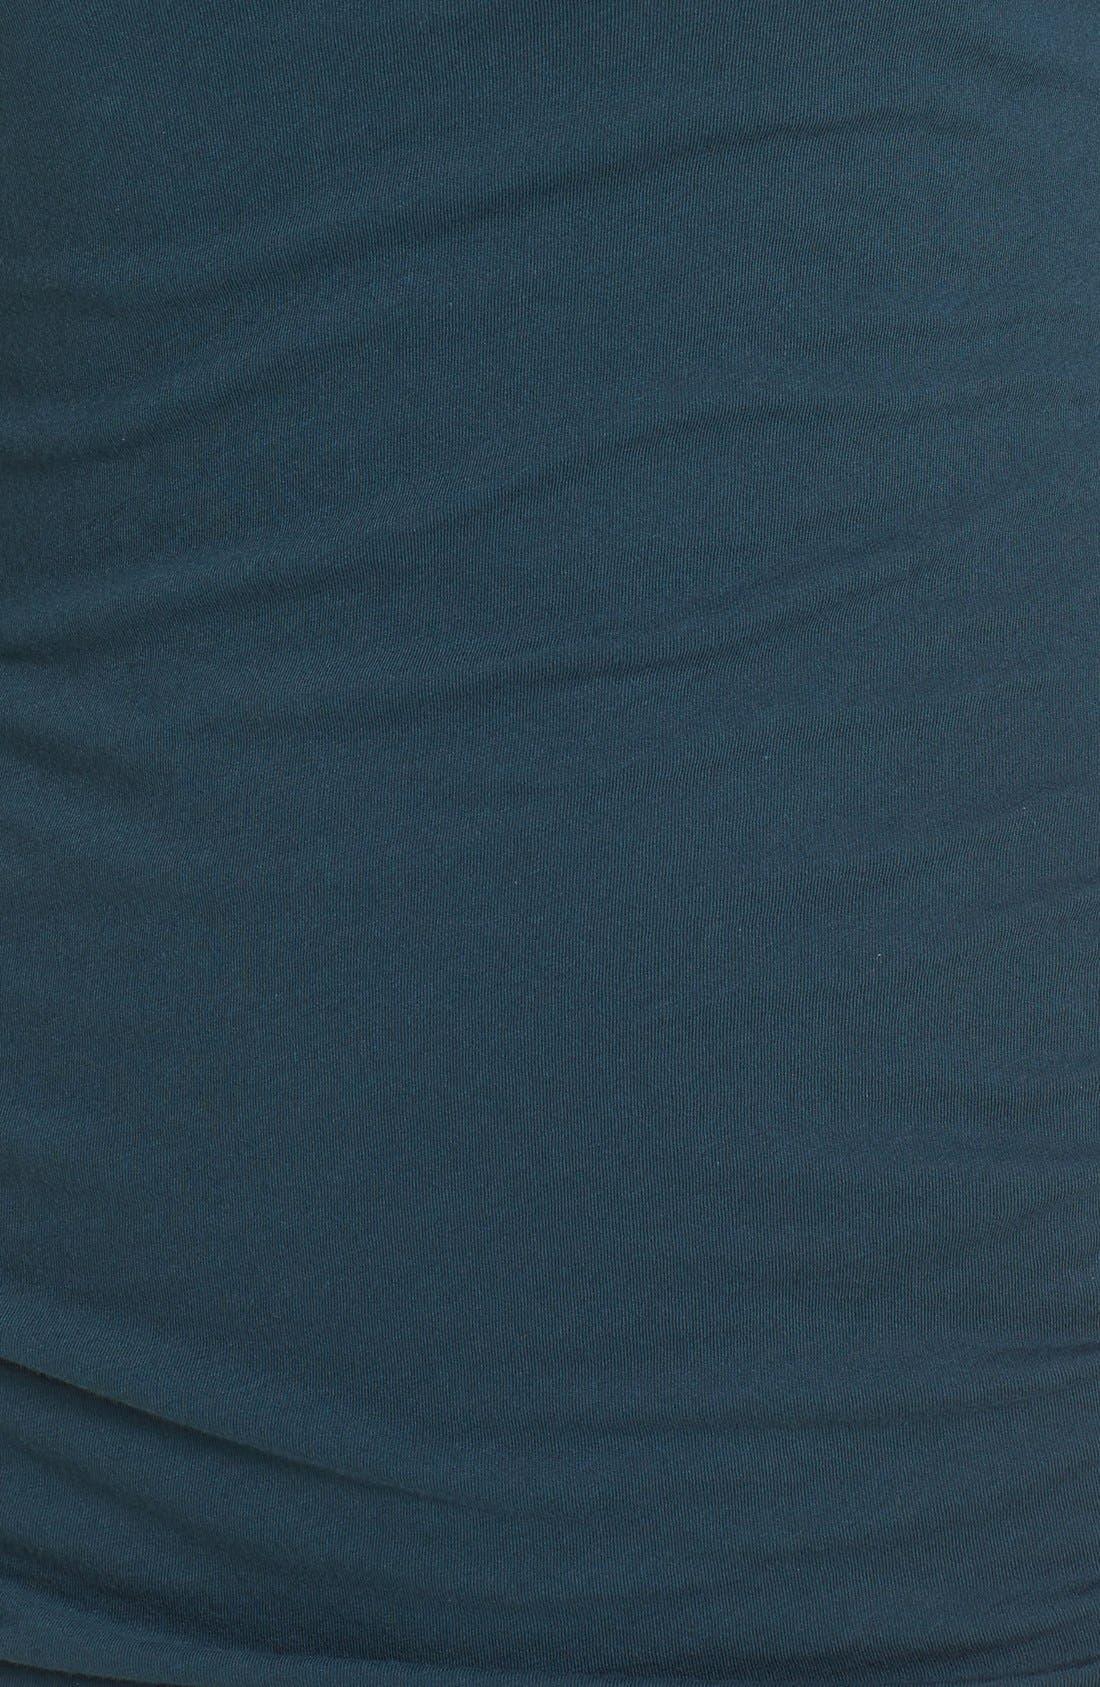 Turtleneck Midi Dress,                             Alternate thumbnail 6, color,